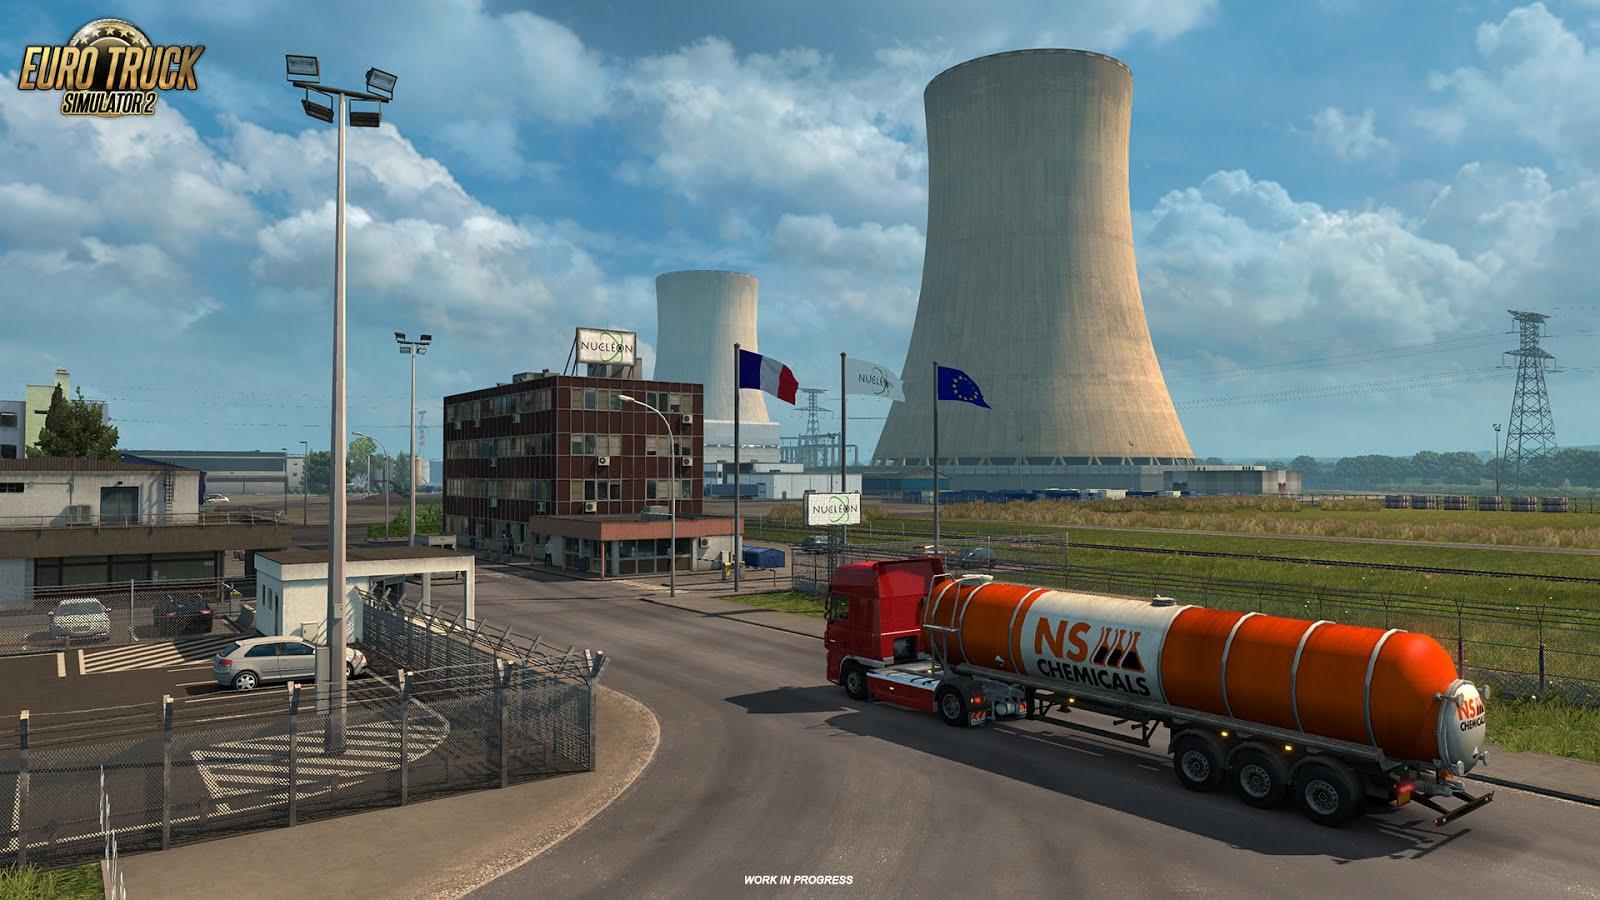 Francie a Arizona do českých kamionových simulátorů 123842